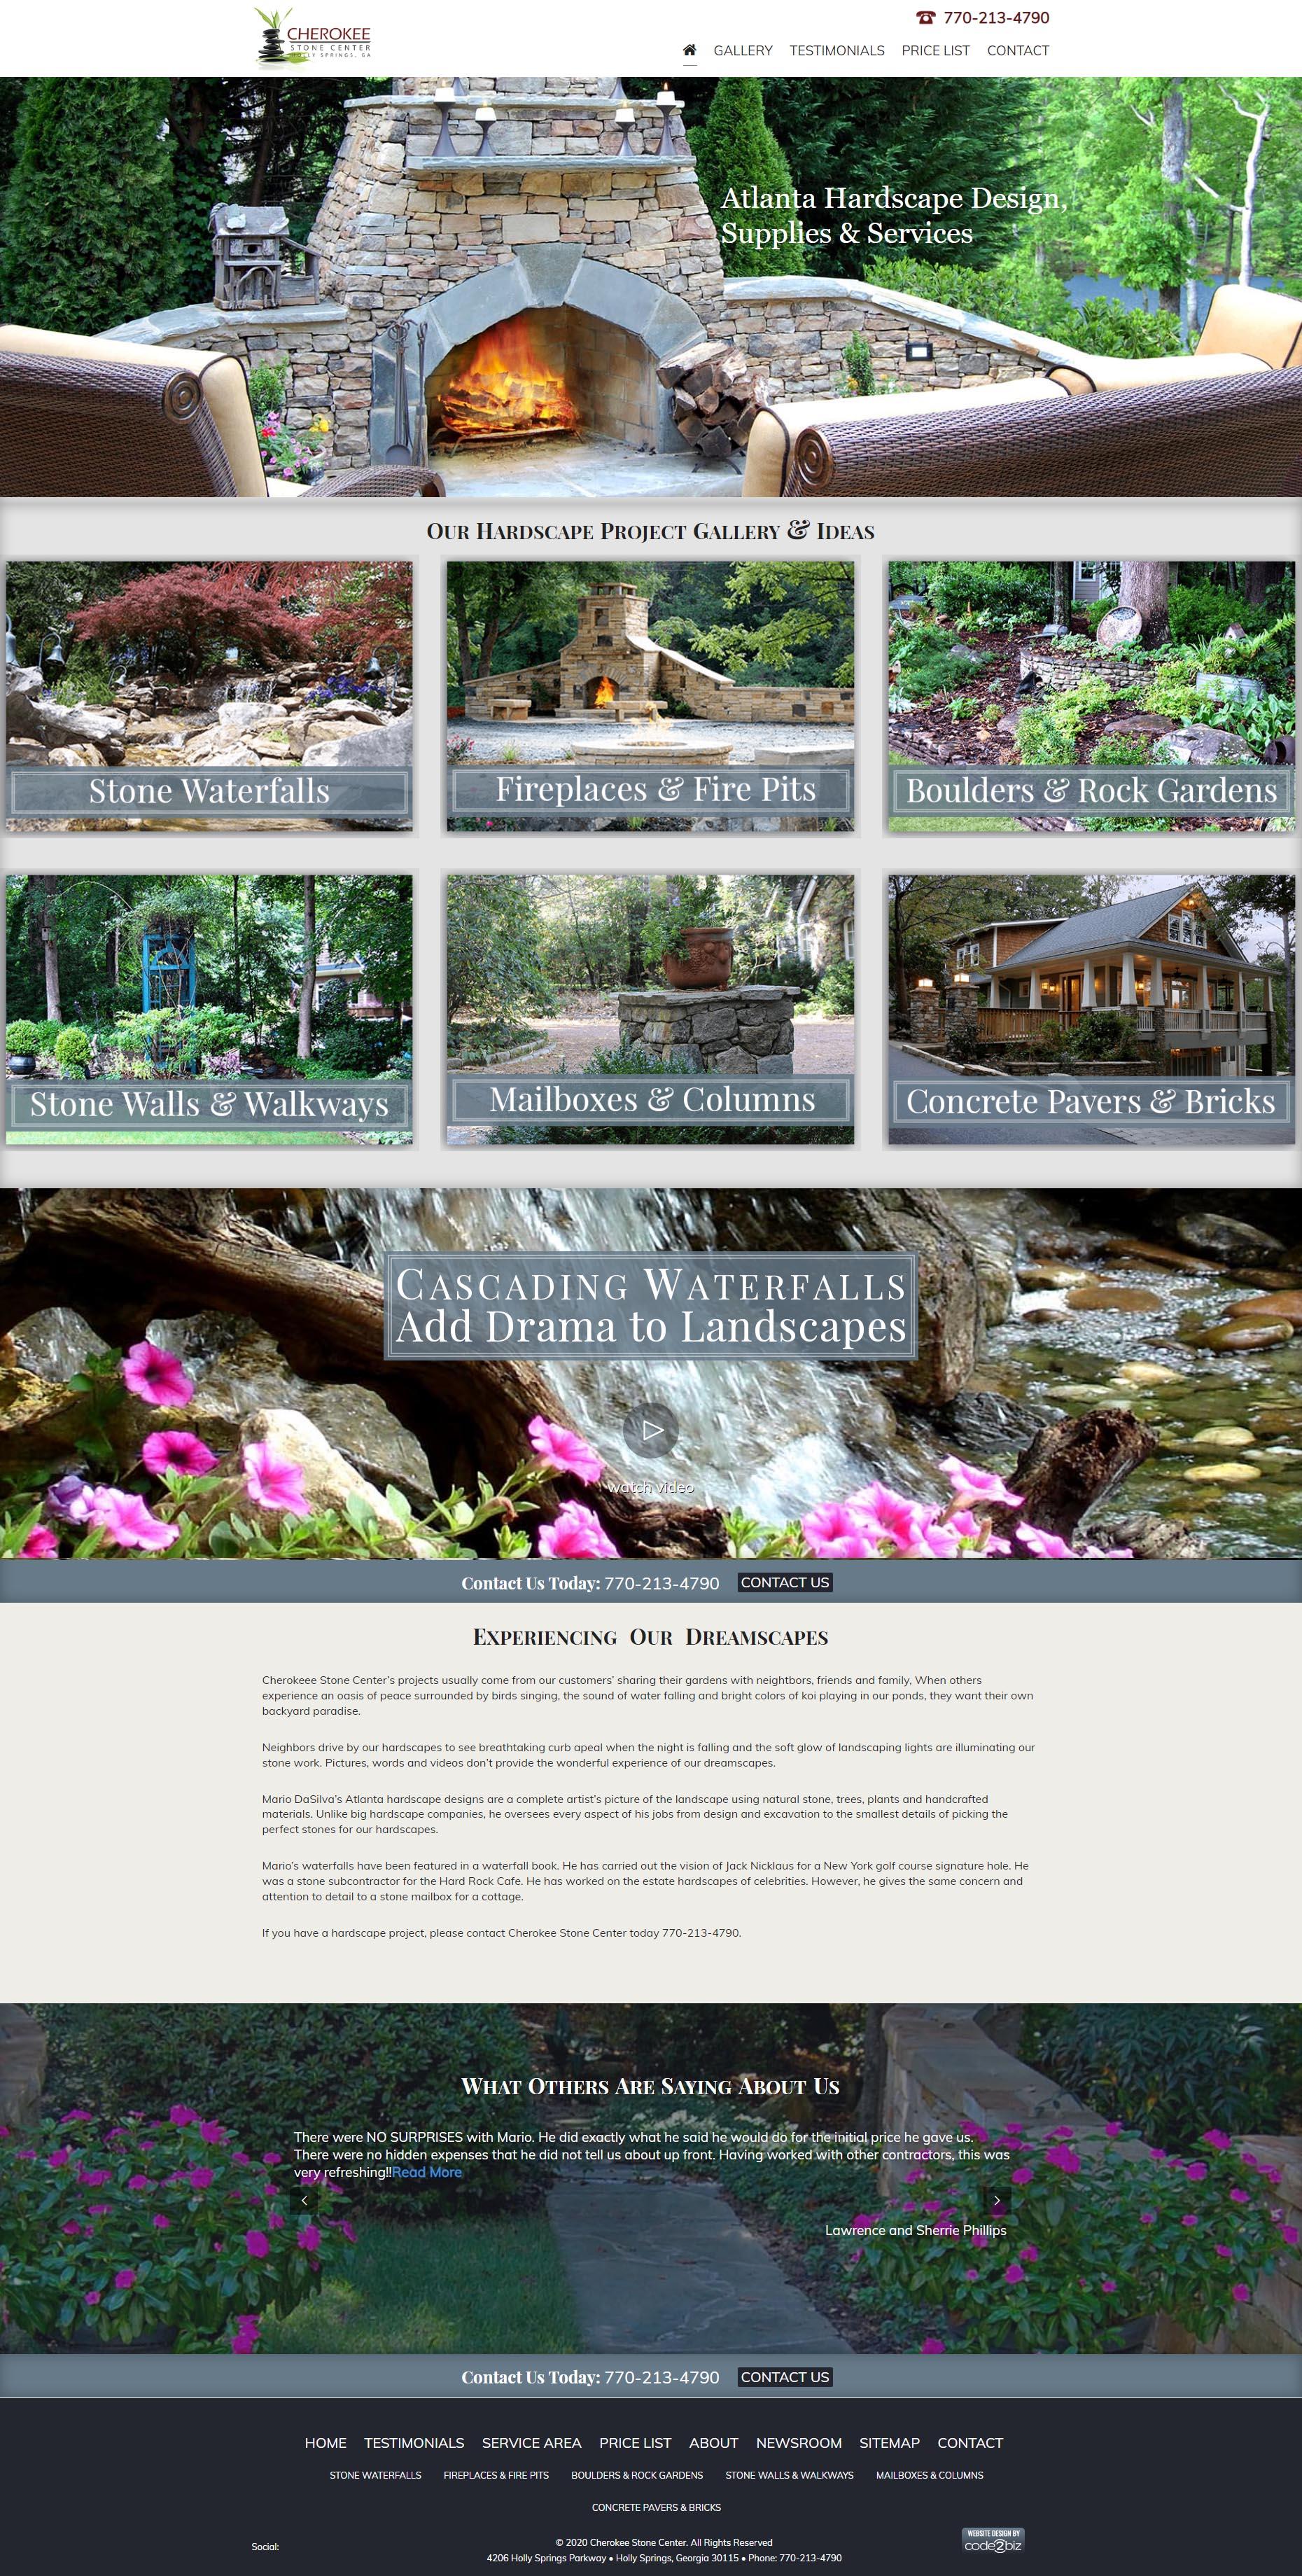 cherokee-hardscaper-website-design